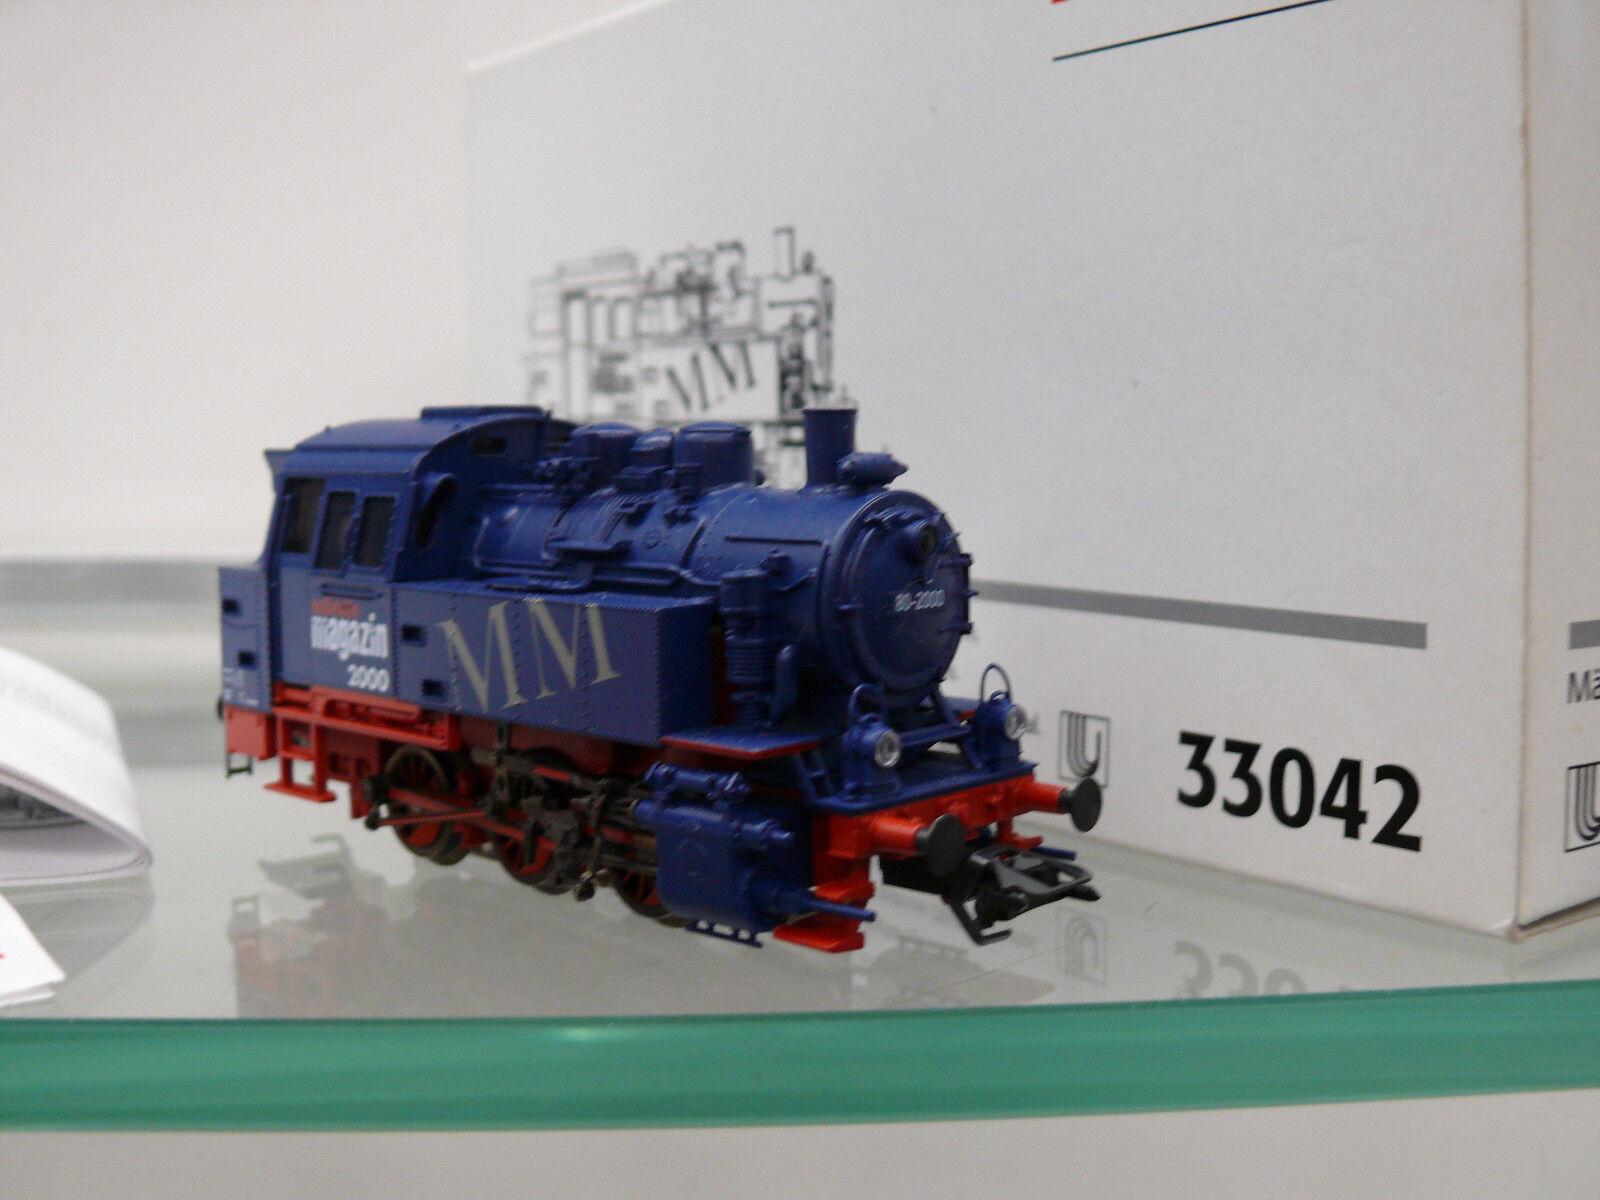 h0, N. 33042, Locomotiva BR 80 delle DB    rivista 2000  Delta/DIG.